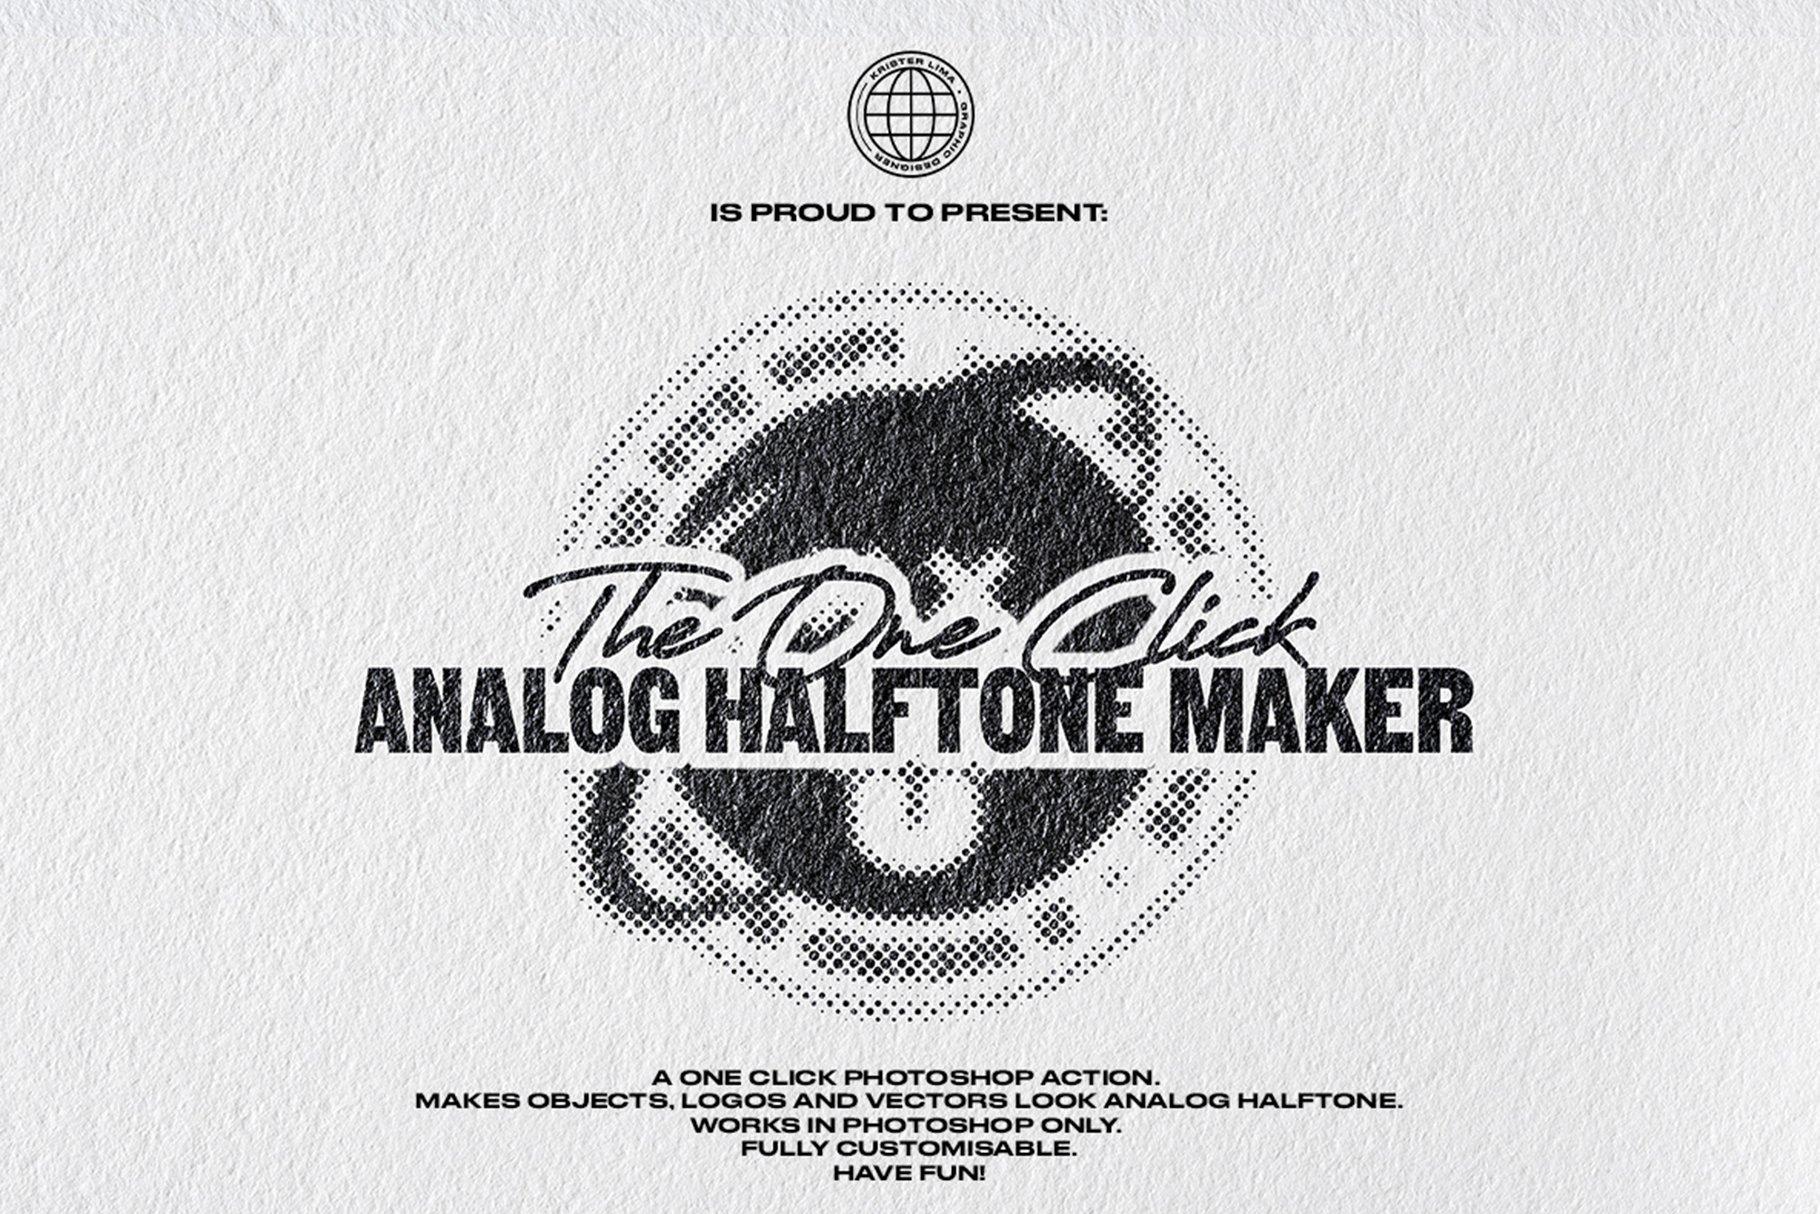 [淘宝购买] 潮流复古半调波点效果文字图形设计处理一键式PS动作 The One Click Analog Halftone Maker插图